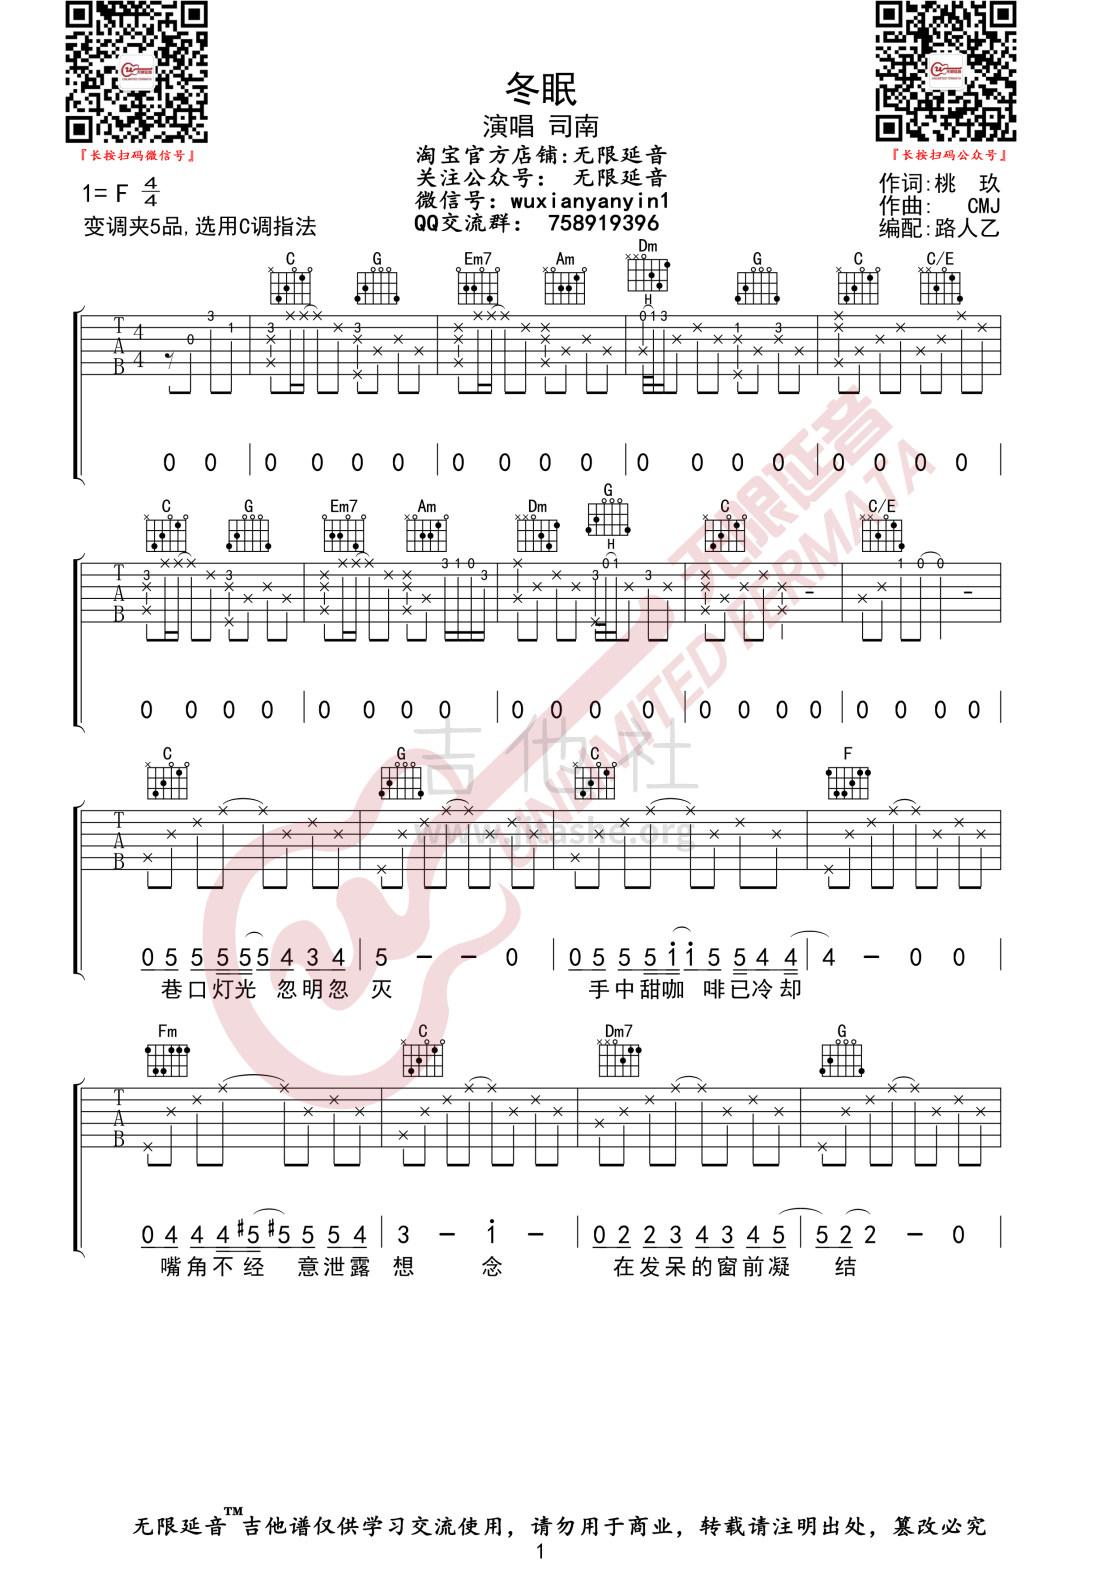 冬眠(無限延音編配)吉他譜(圖片譜,無限延音編配,彈唱)_司南_冬眠01.jpg